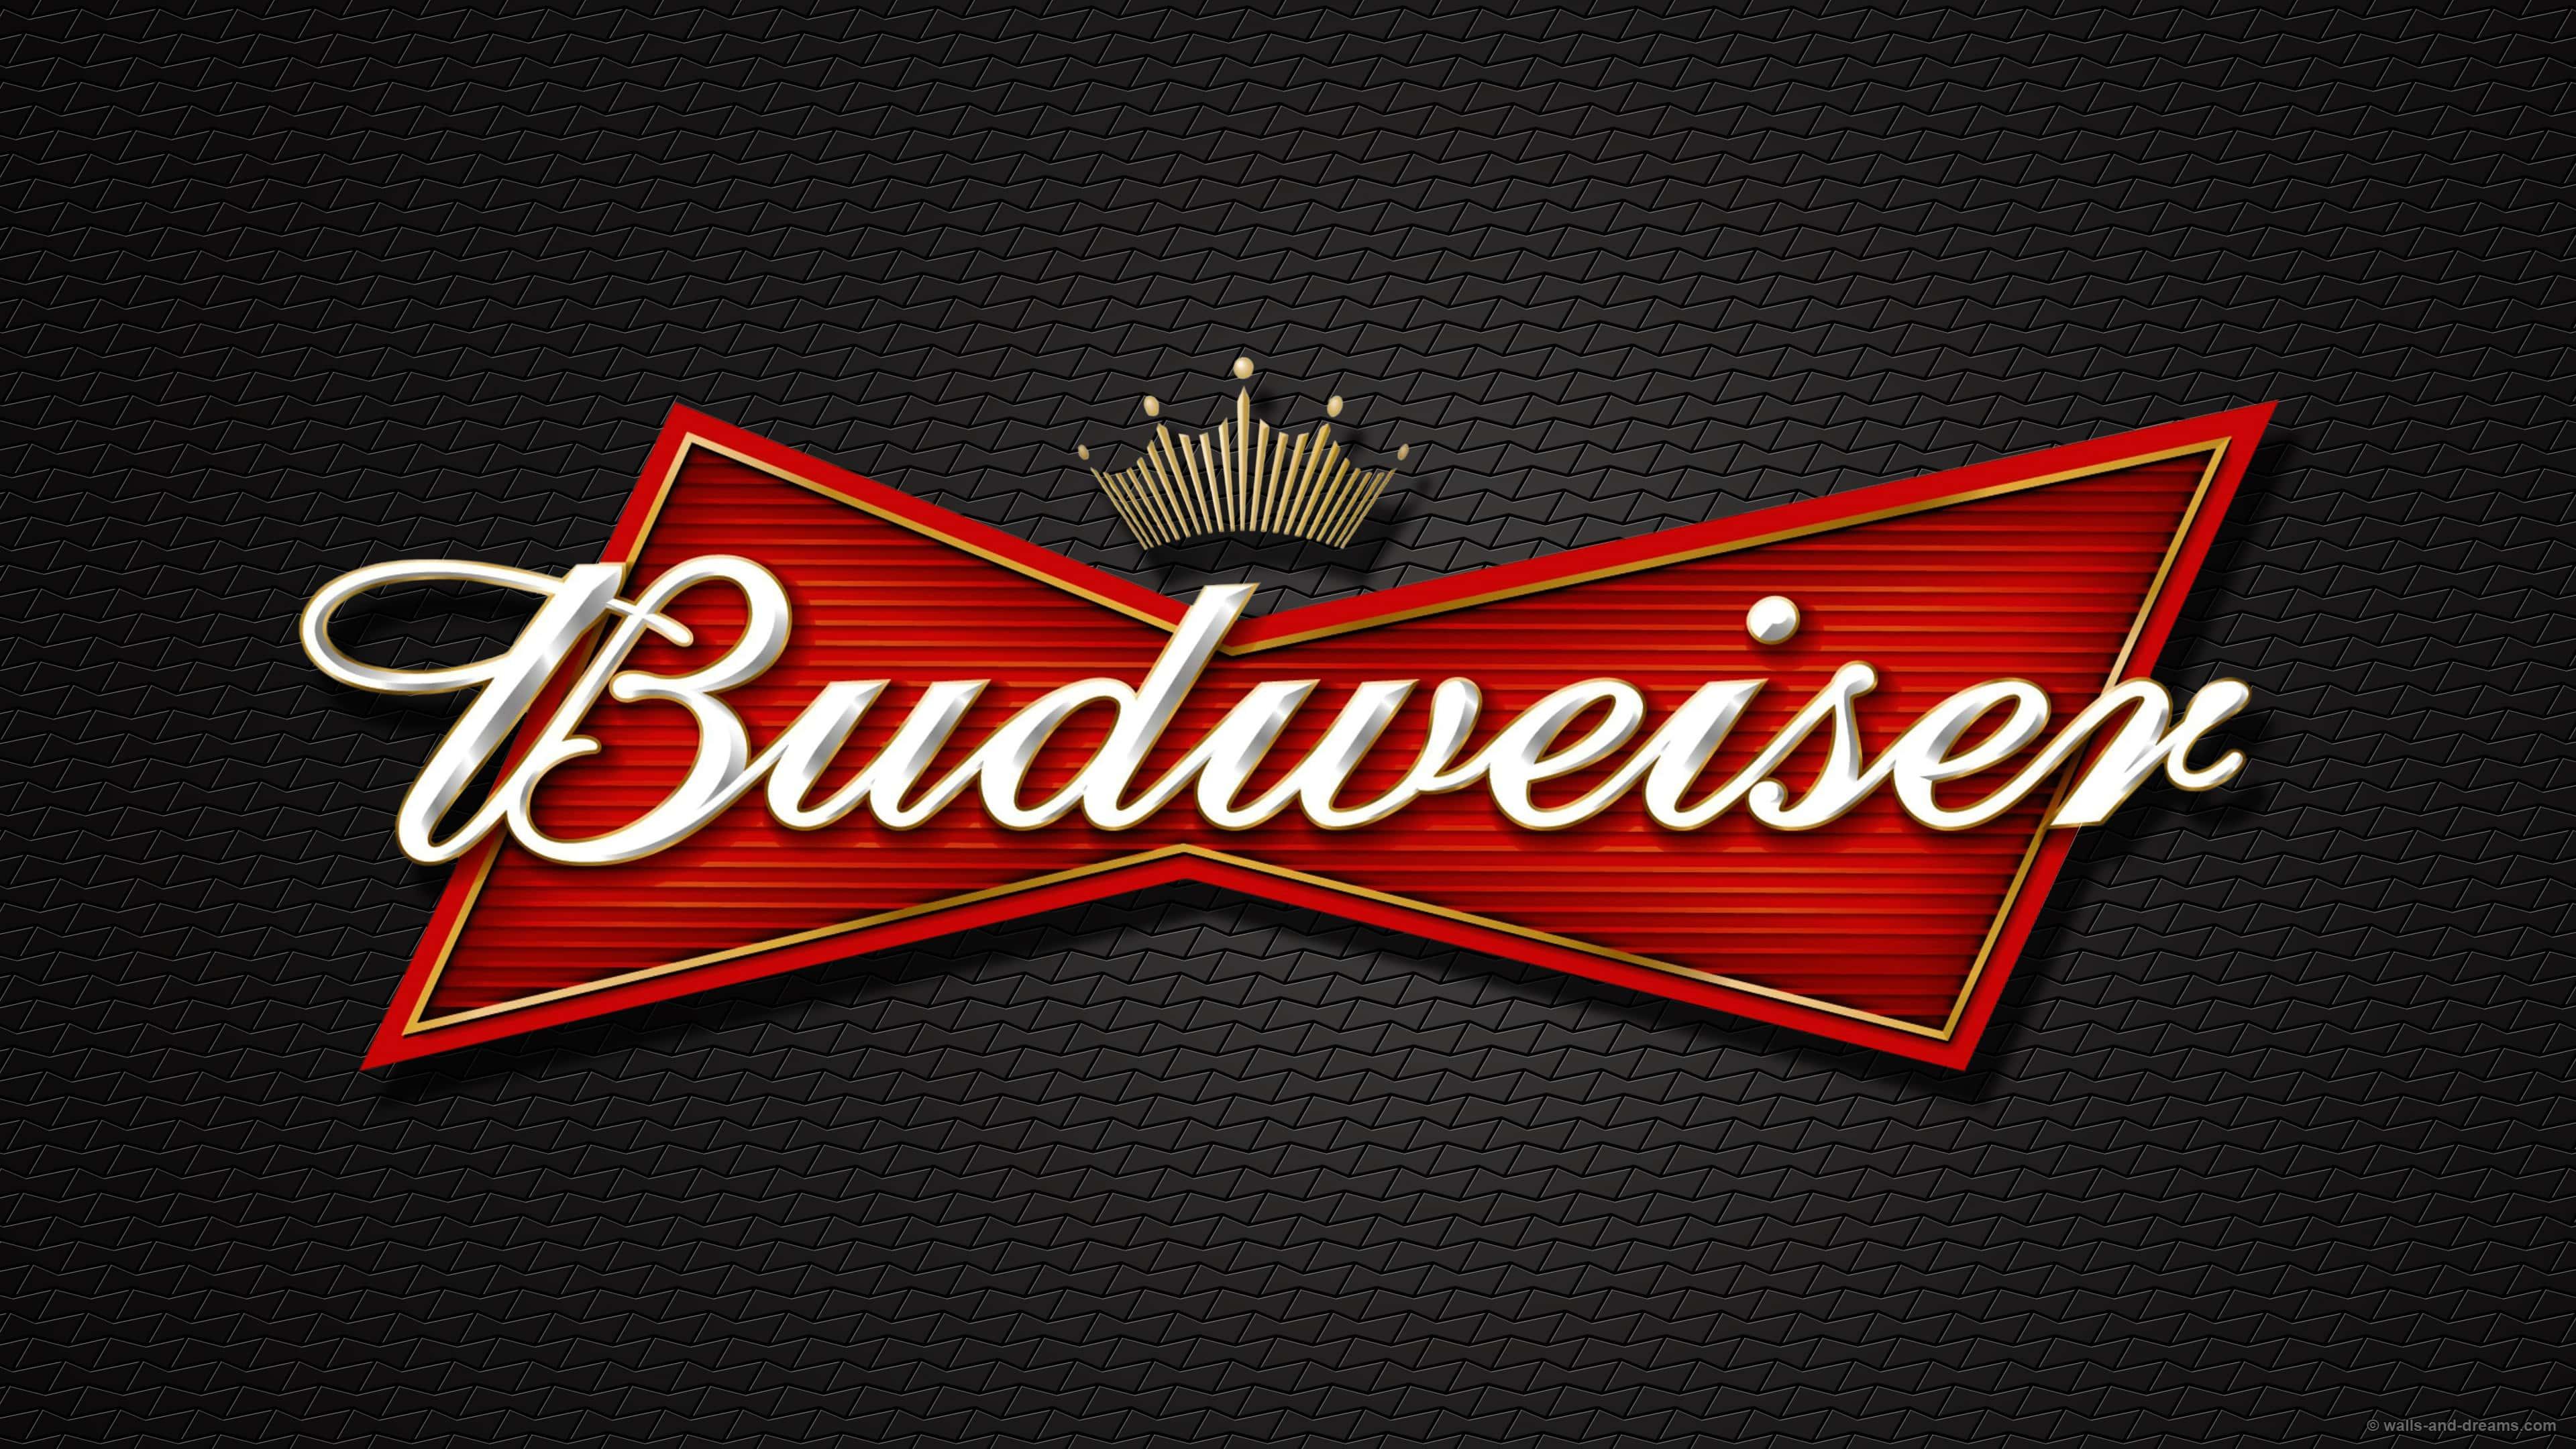 budweiser wallpaper for android wwwpixsharkcom